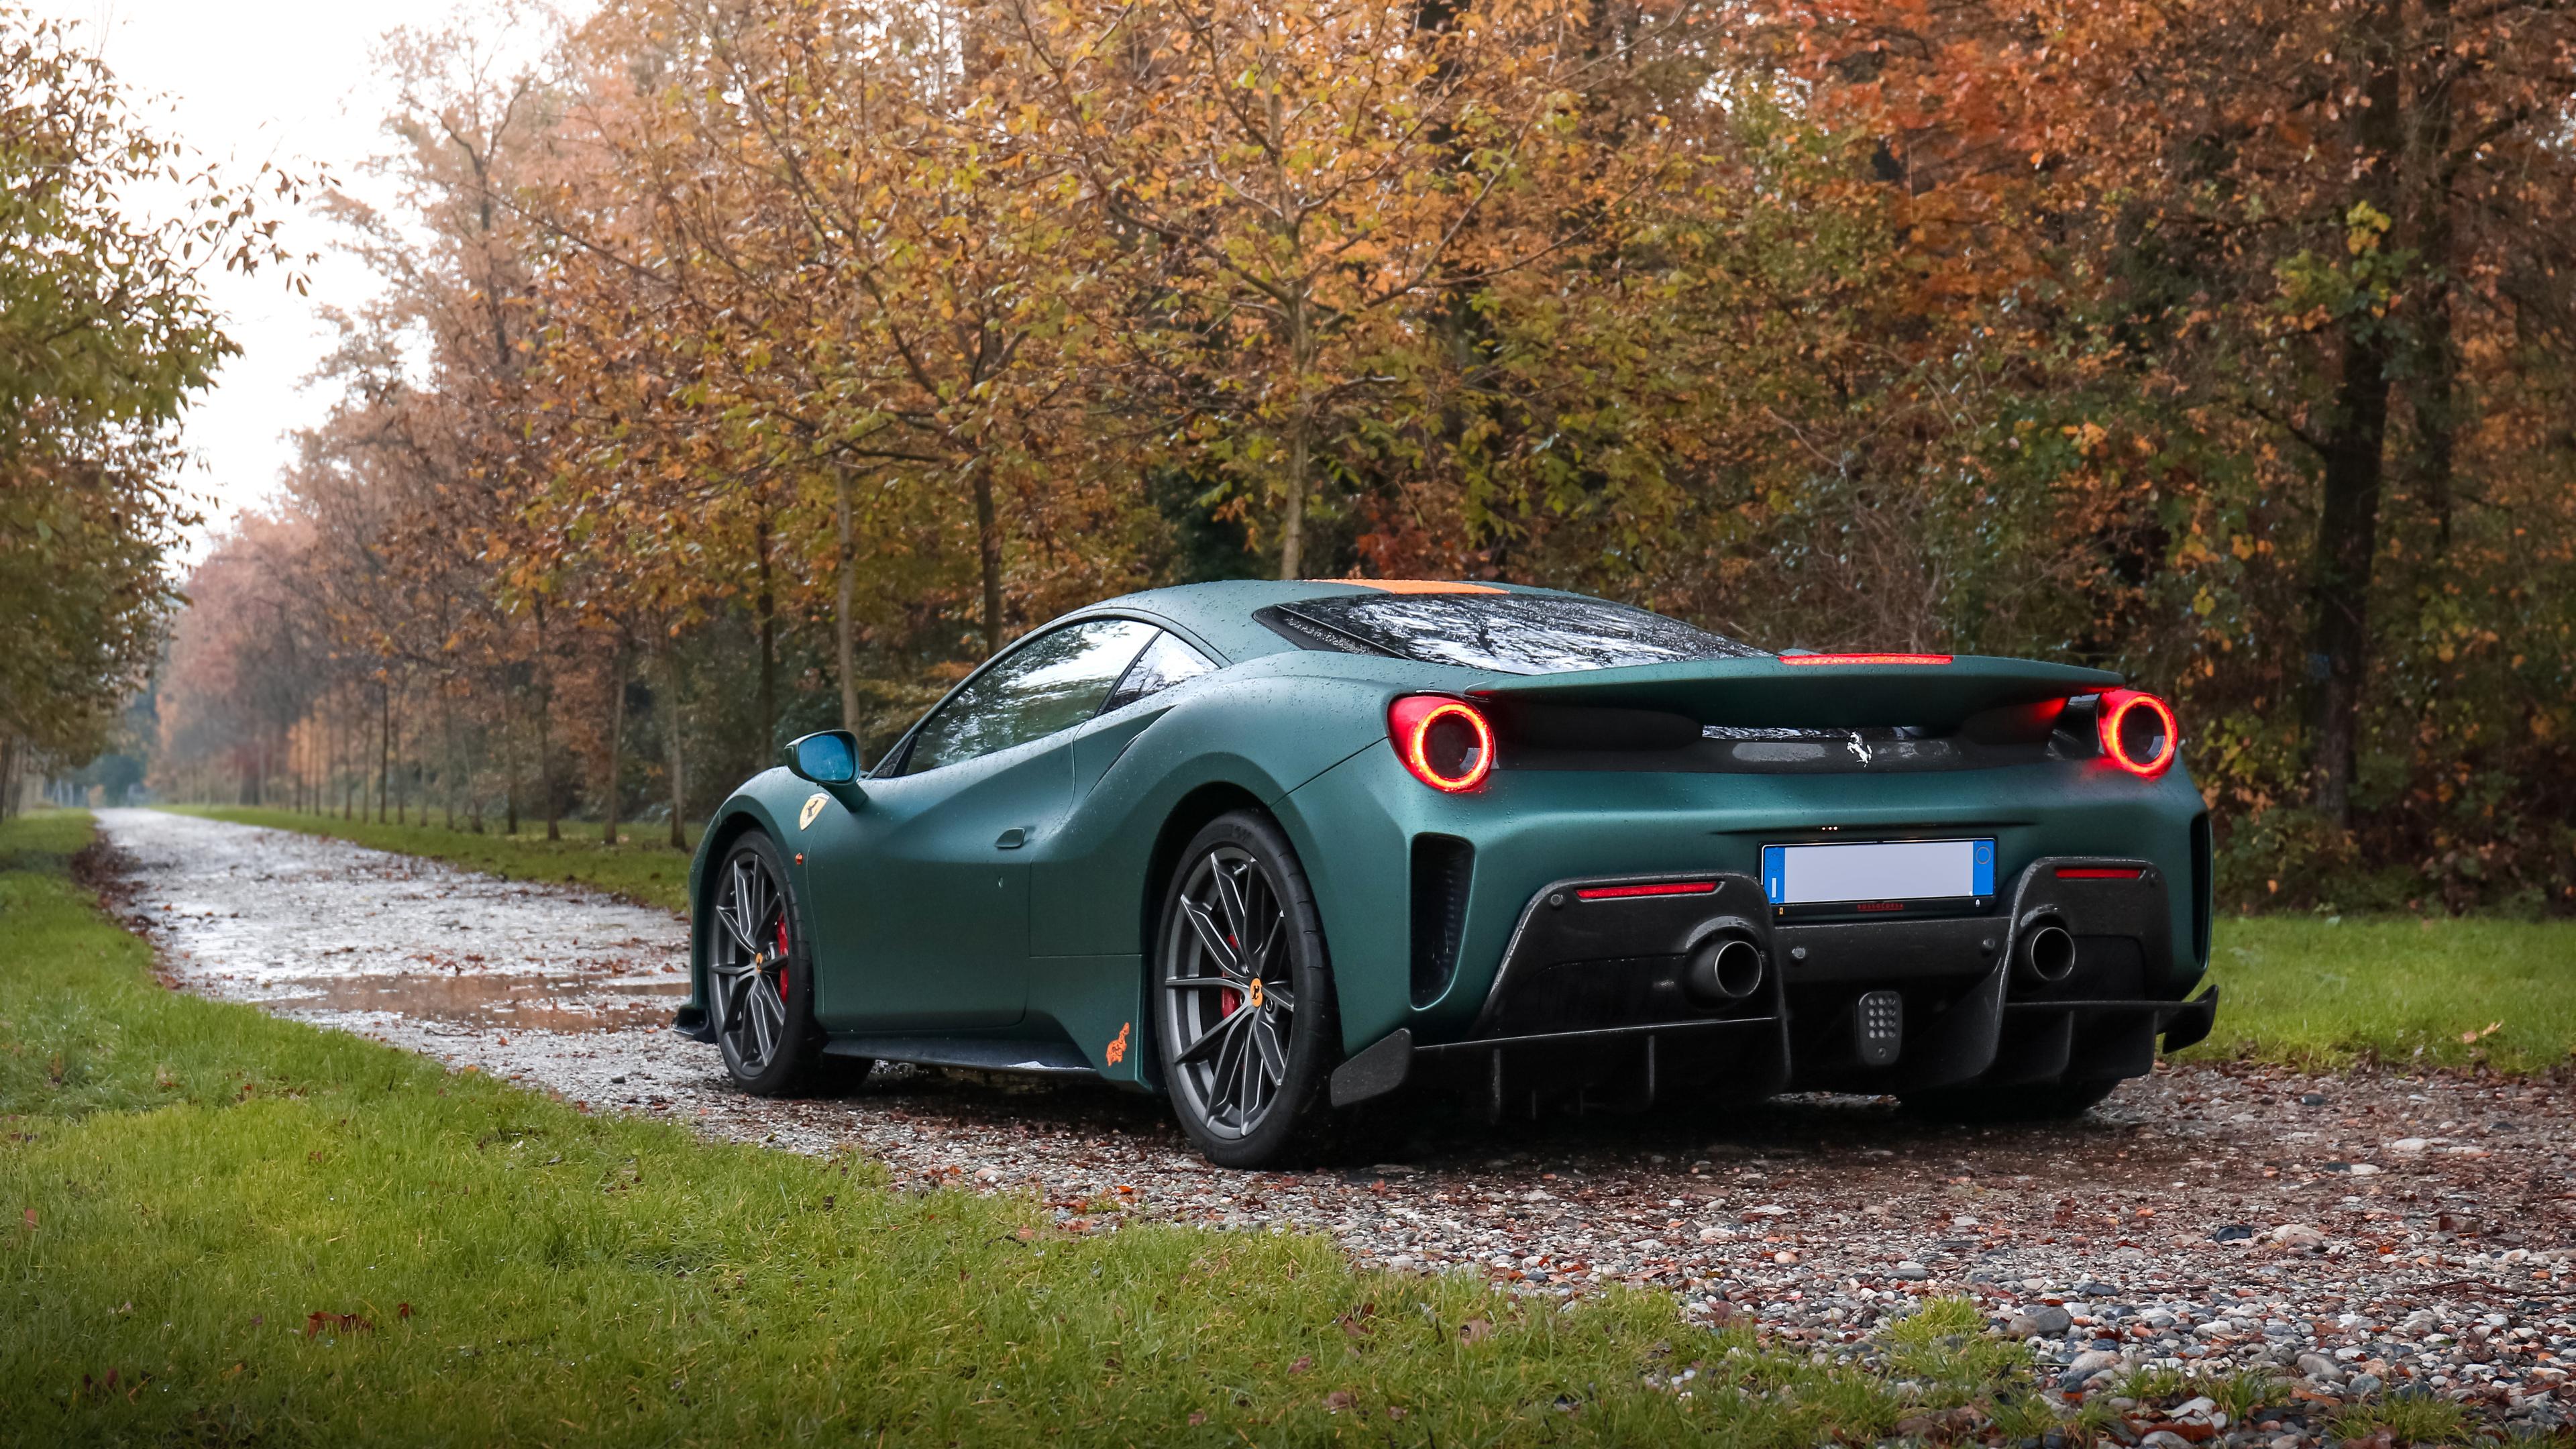 ferrari 4k 1546362094 - Ferrari 4k - hd-wallpapers, ferrari wallpapers, cars wallpapers, 5k wallpapers, 4k-wallpapers